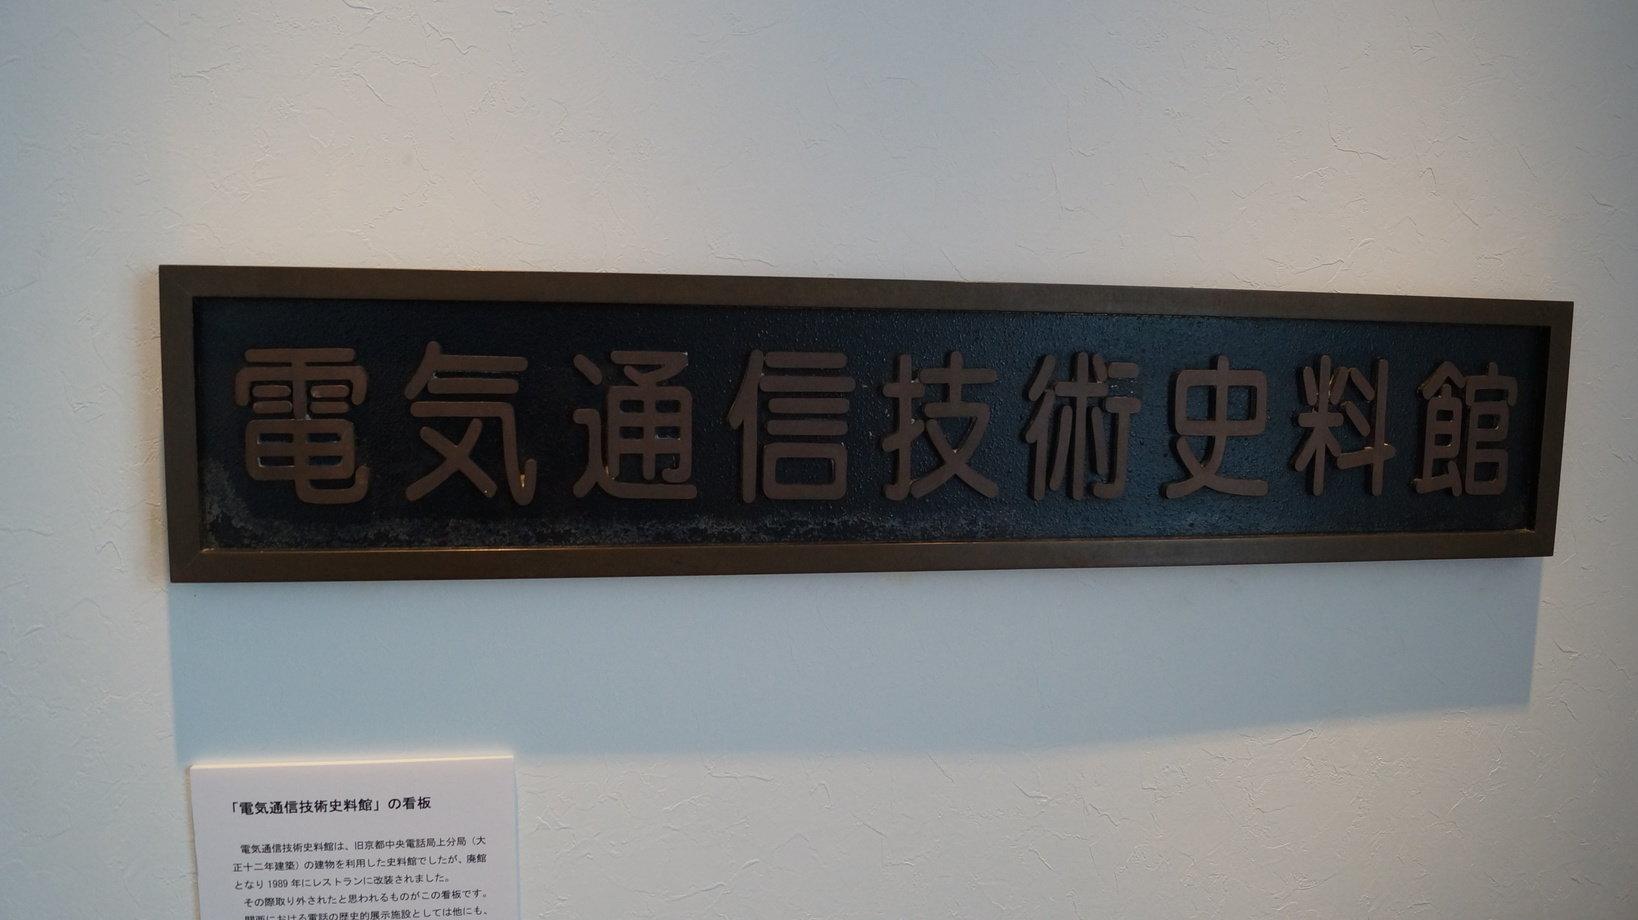 """京都にあった「電気通信技術資料館」の看板。廃館になった施設の""""思い""""も継承しています"""